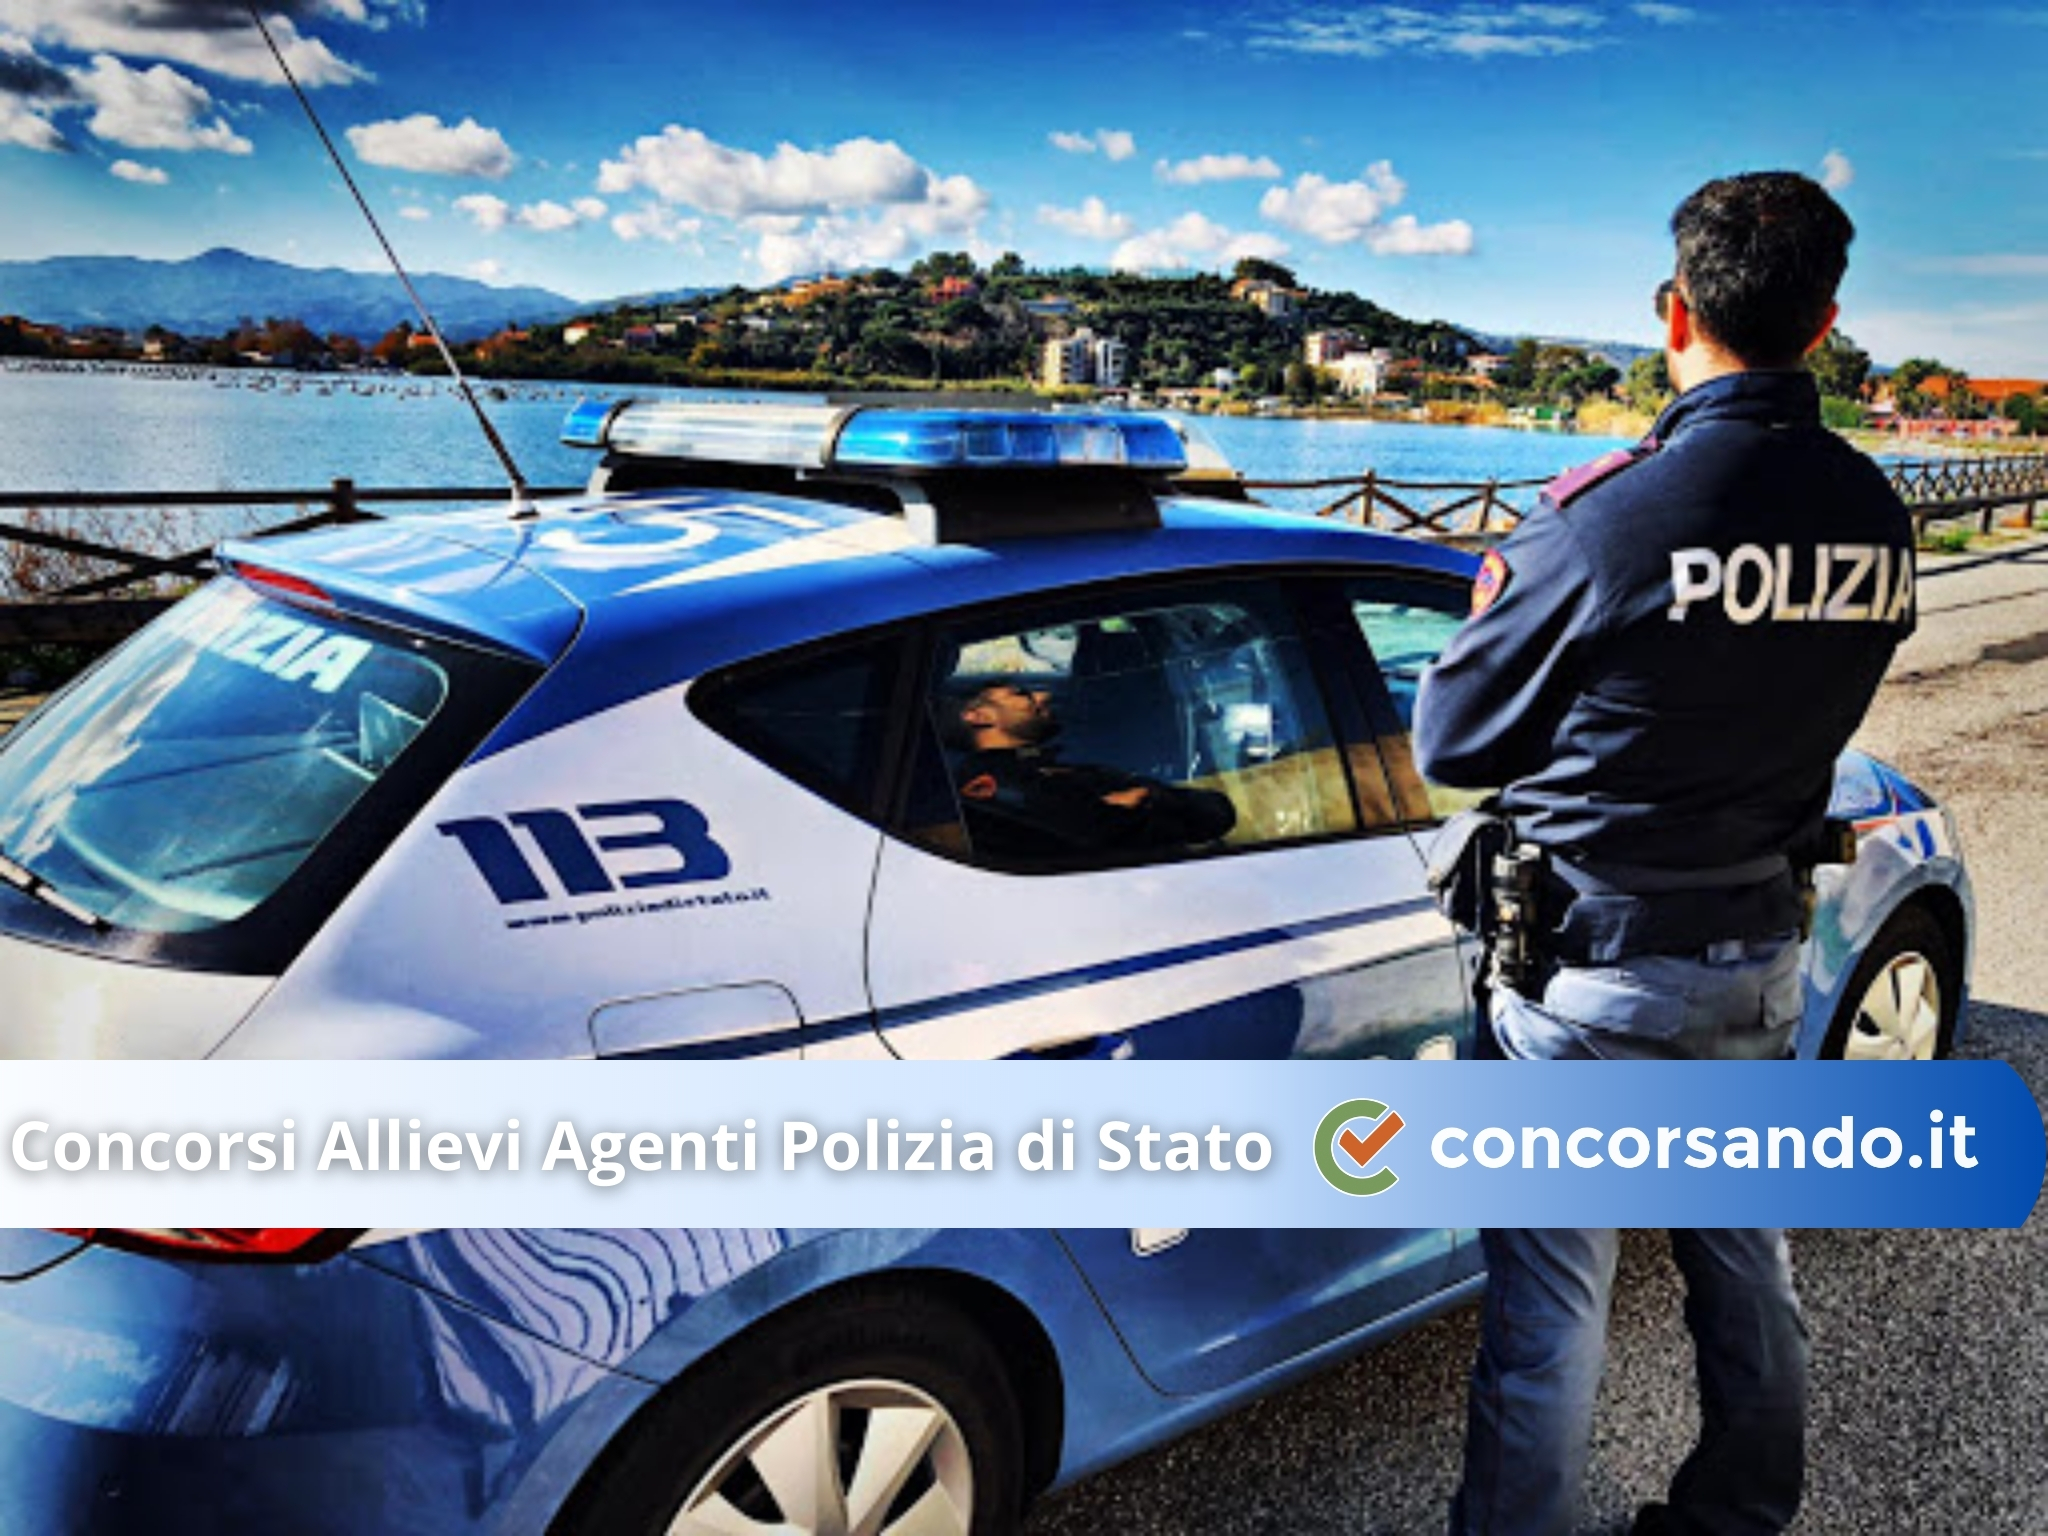 Concorsi Allievi Agenti Polizia di Stato